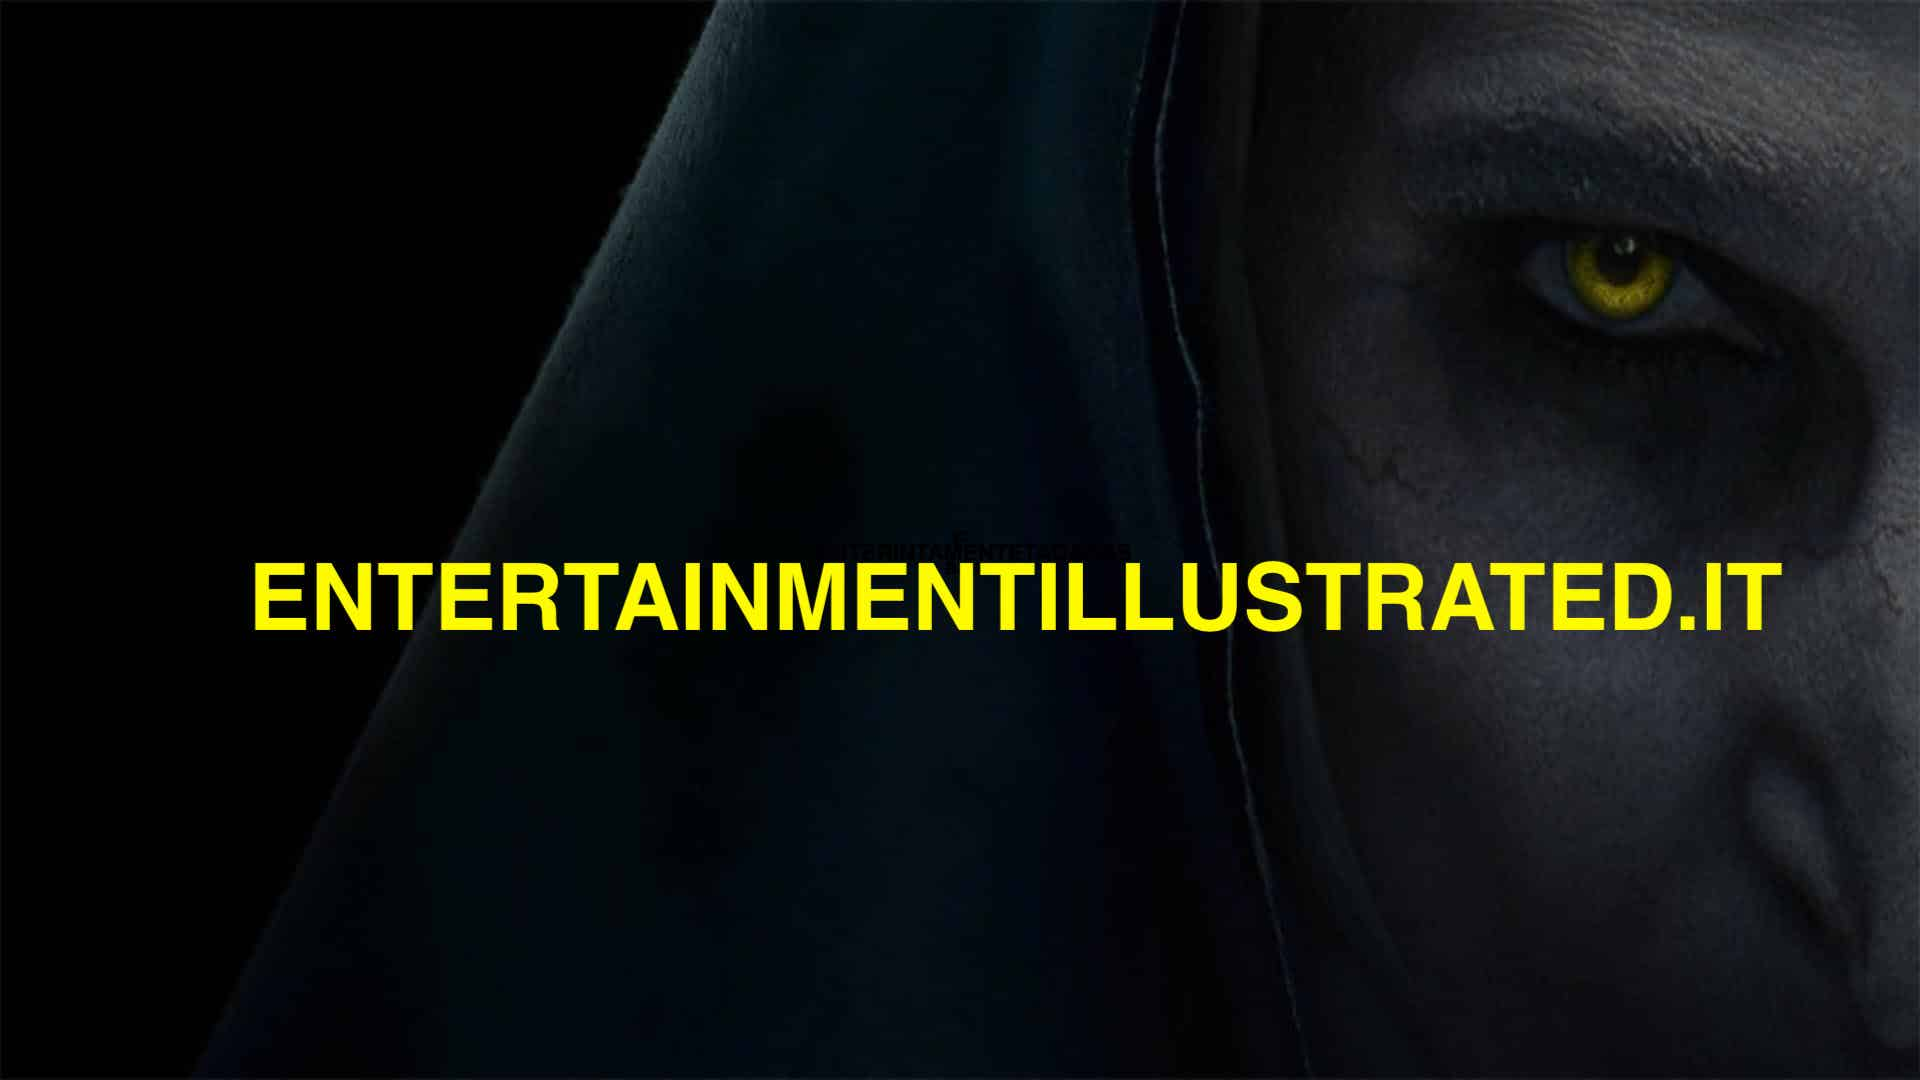 Venom contagia l'AS Roma – Il grande sport e il cinema internazionale protagonisti di un'importante collaborazione